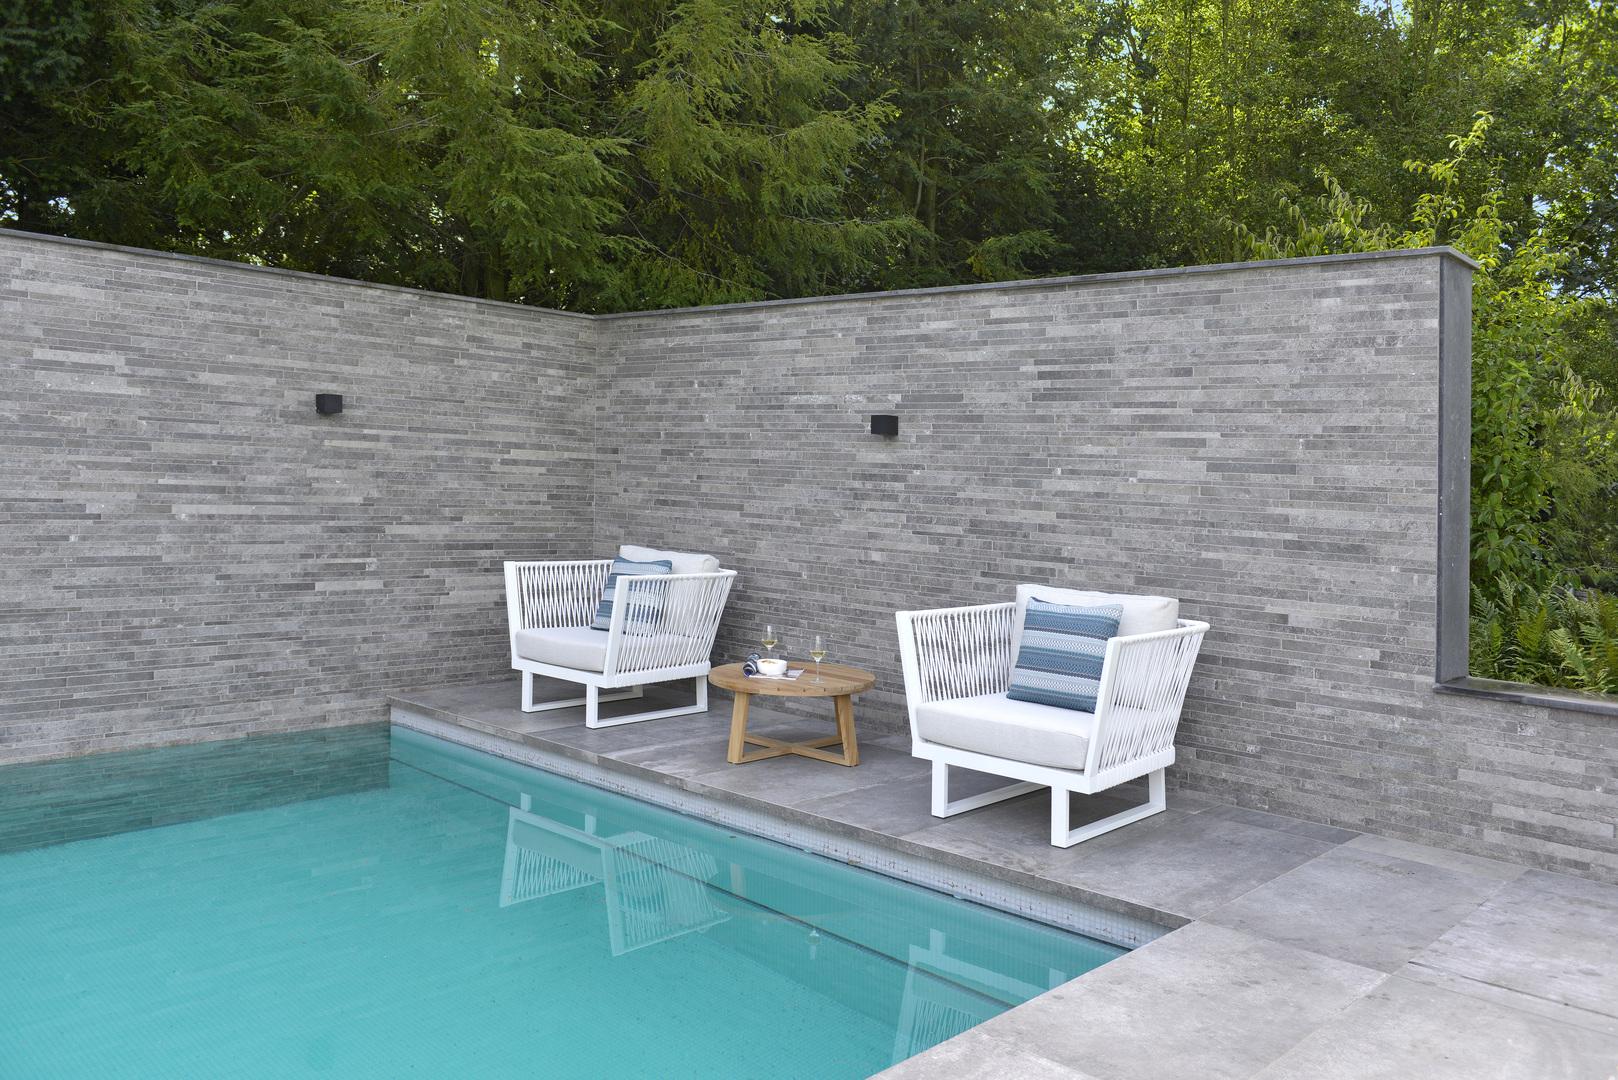 2020 Borek Ardenza belt Altea lounge chair Studio Borek - Teak Lasize coffee table Studio Borek (close-up).jpg